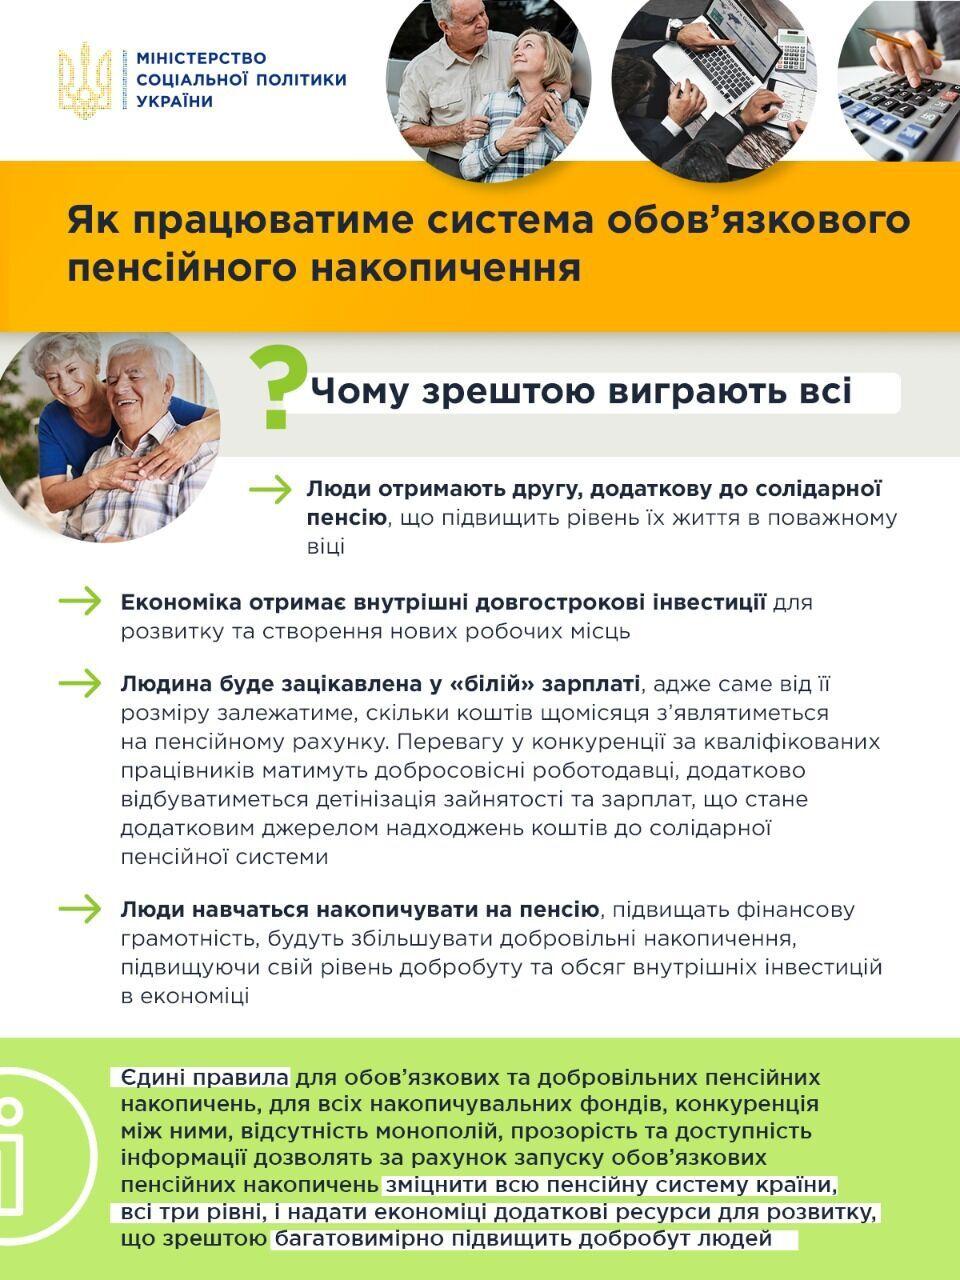 Українцям платитимуть по дві пенсії: в Мінсоц розкрили деталі реформи